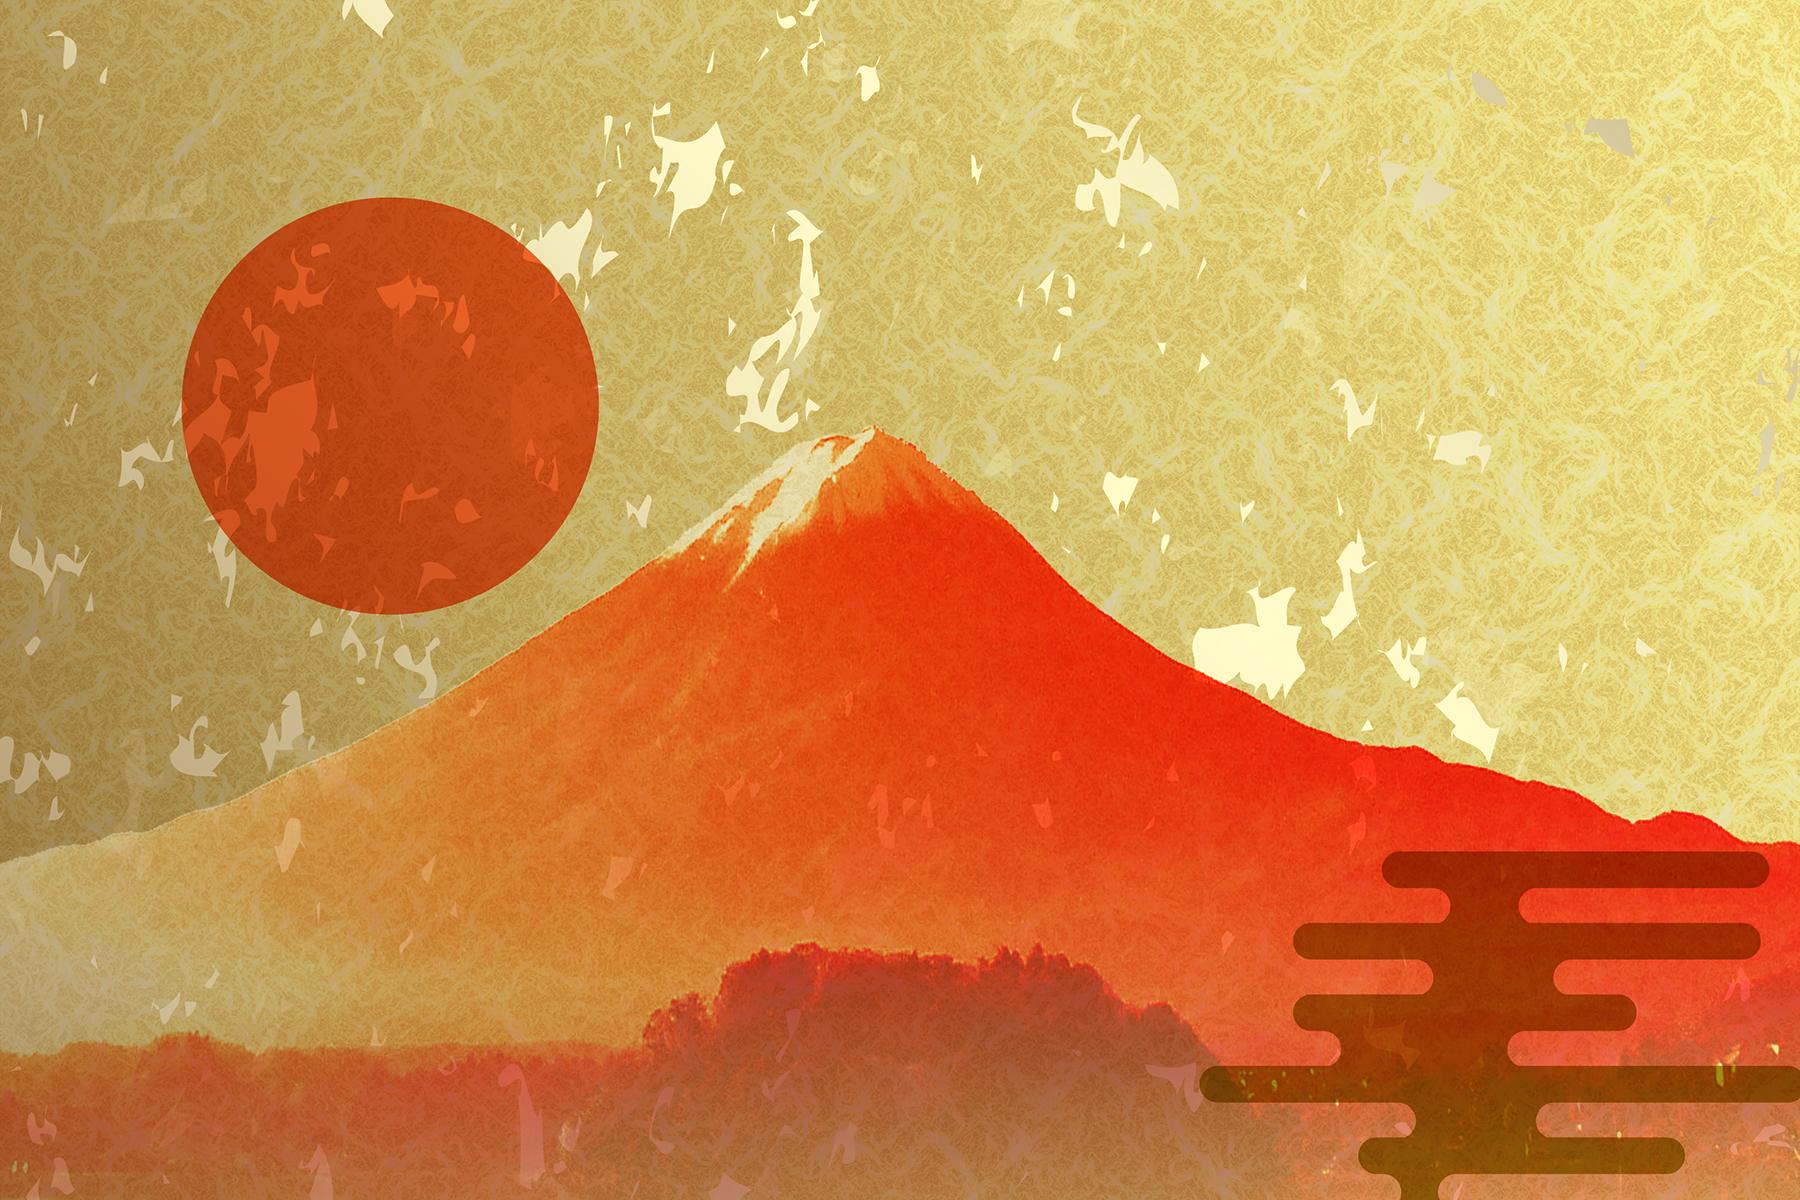 和紙に描かれた富士山と夕日